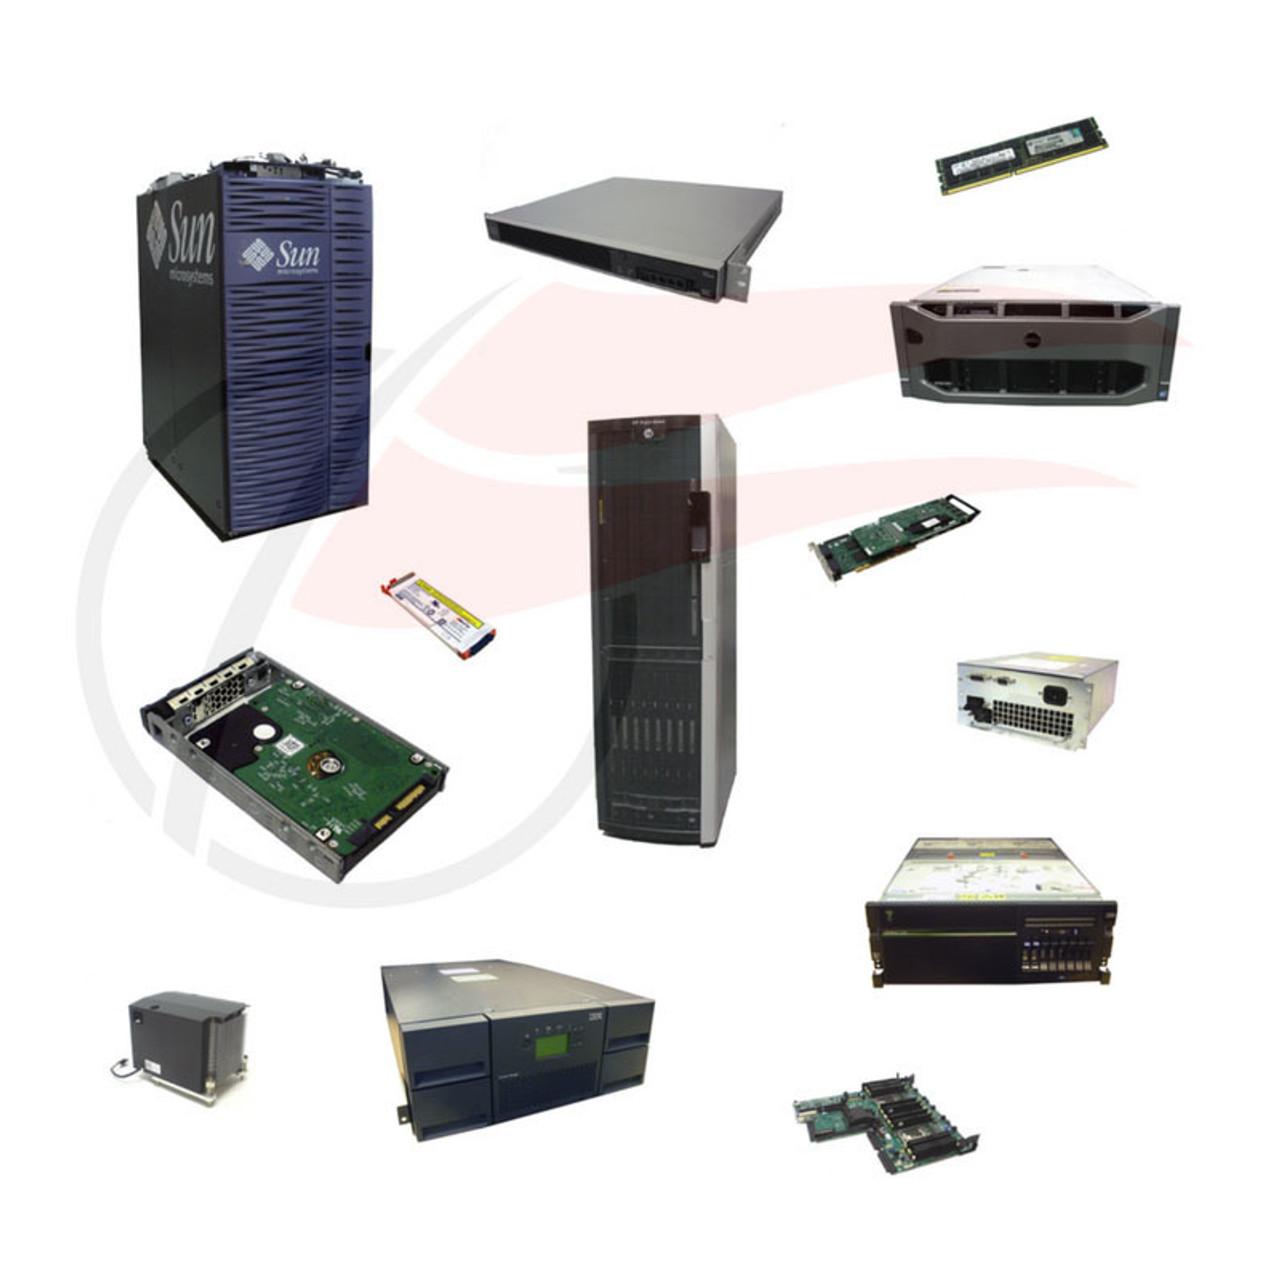 IBM AS/400 9402 Model 4XX Servers